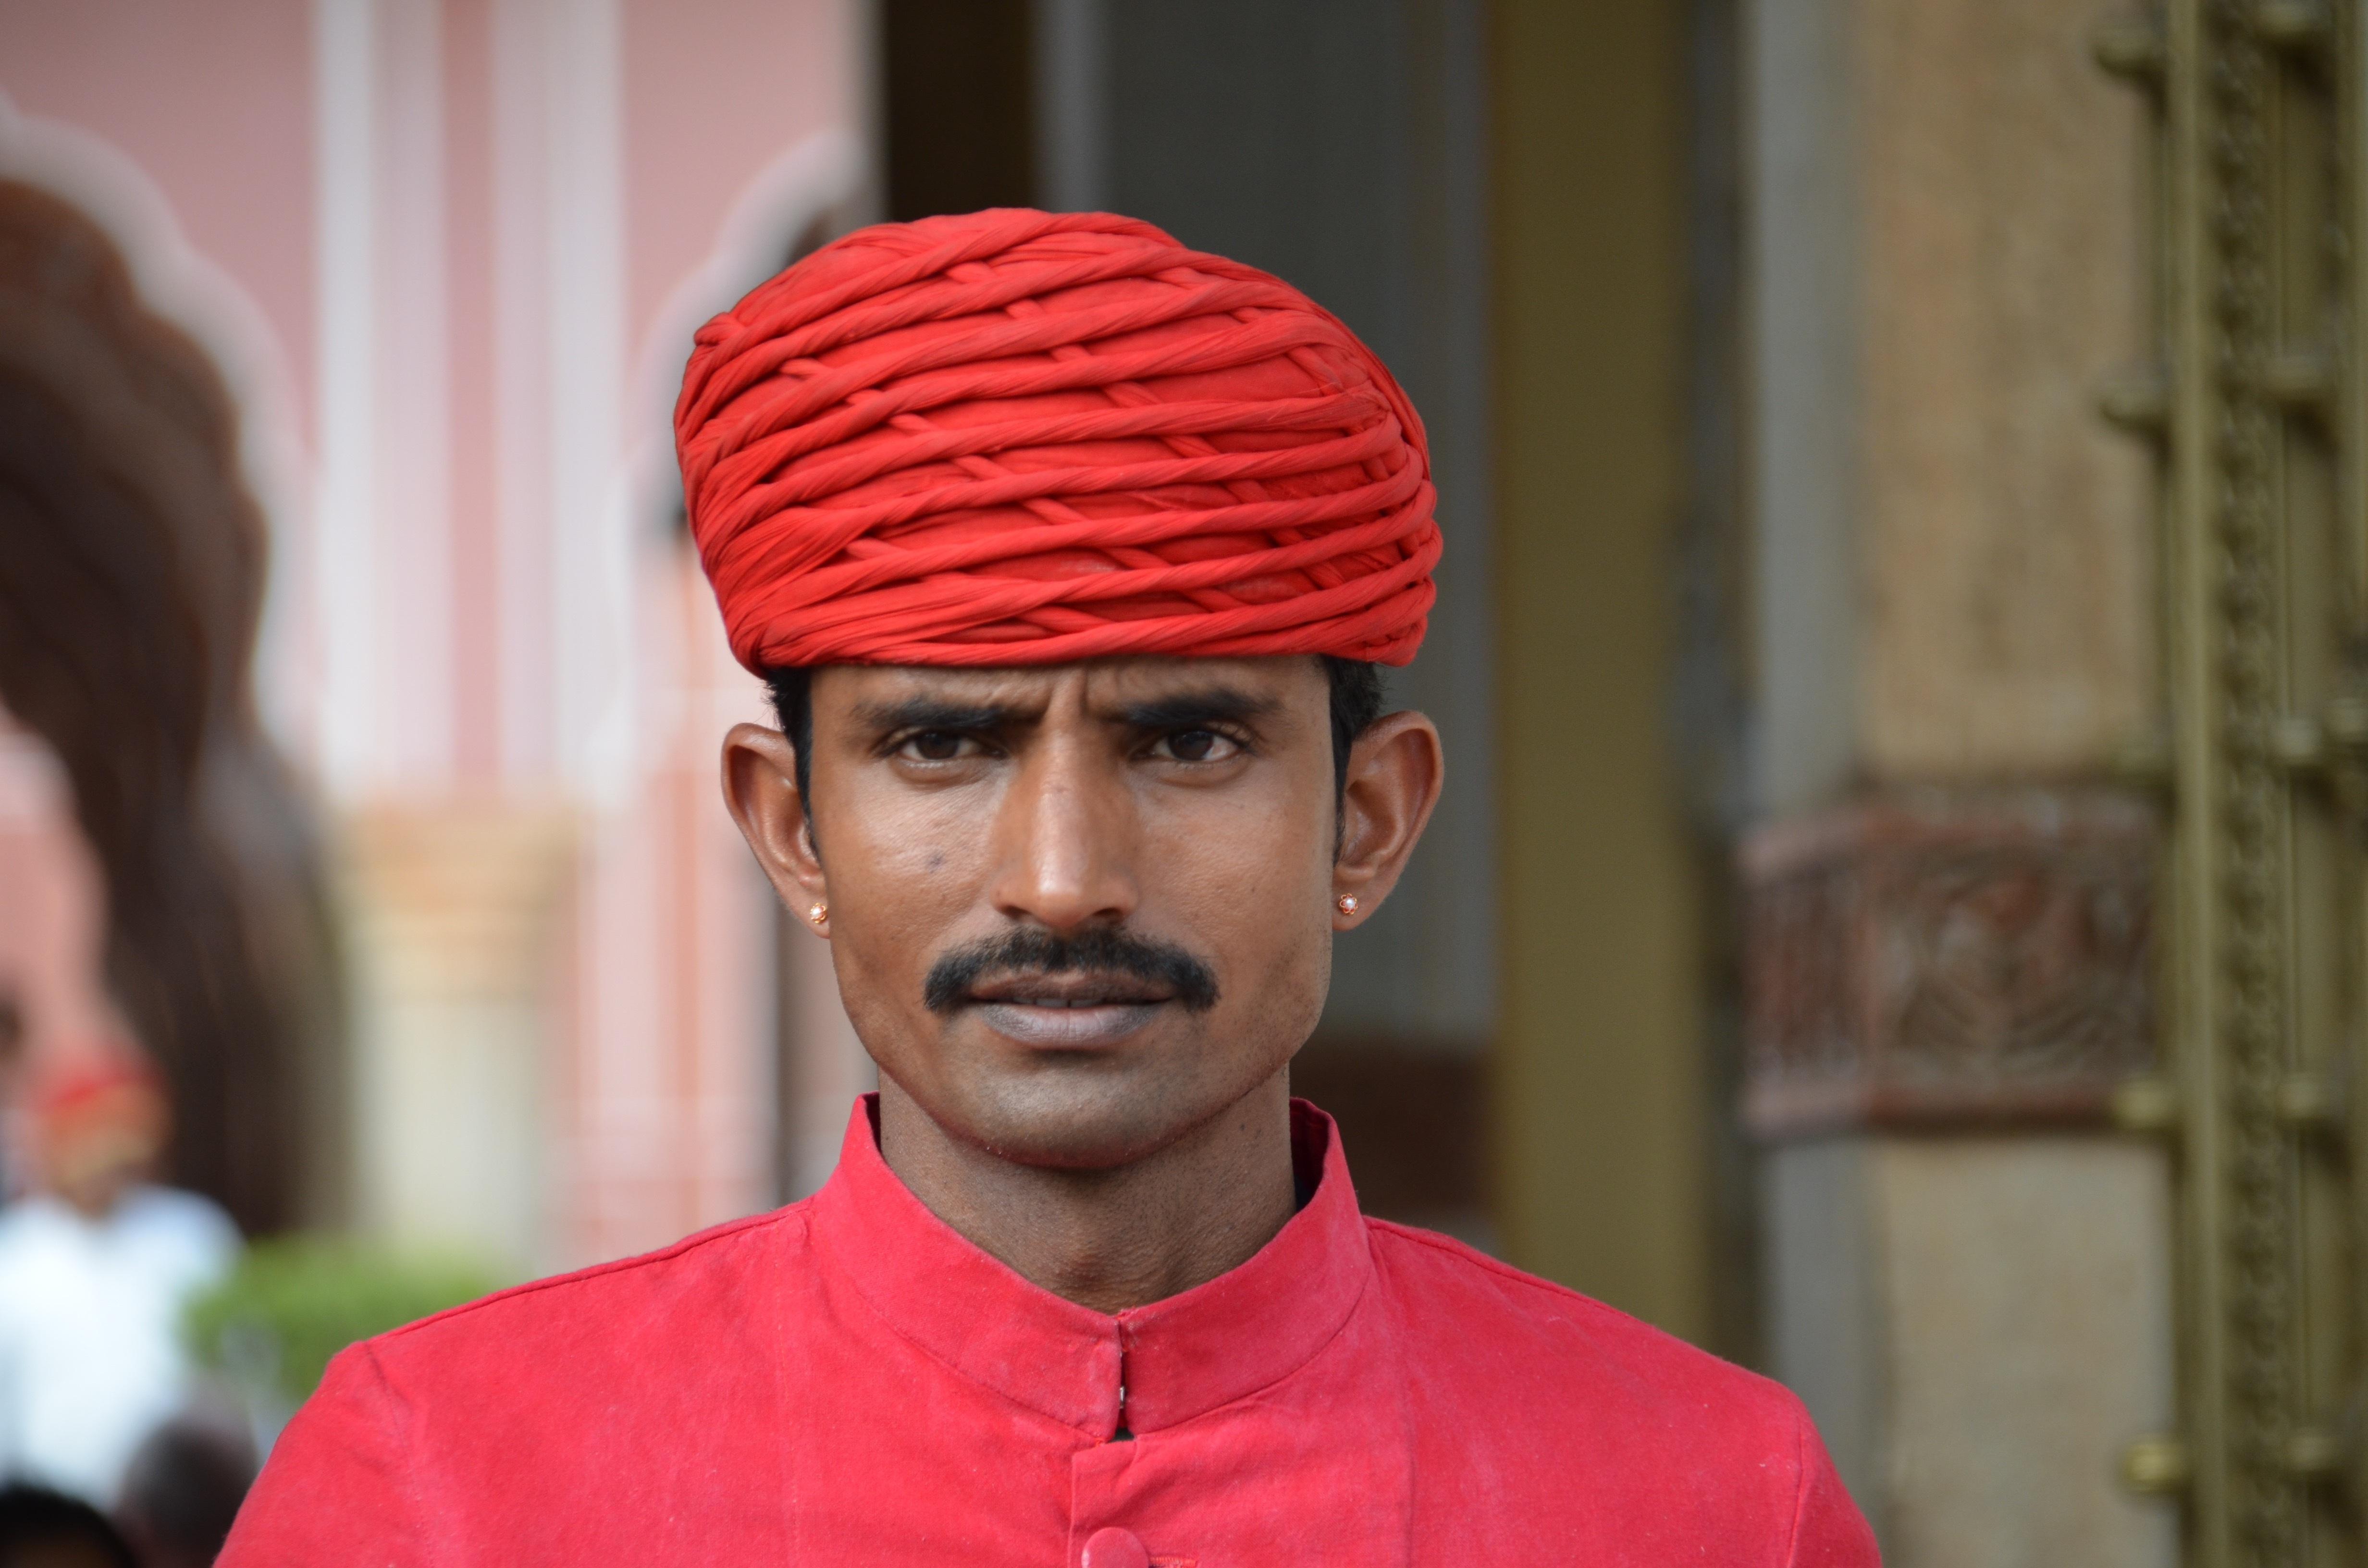 написании сценария индийское мужчины картинки менее загадочен